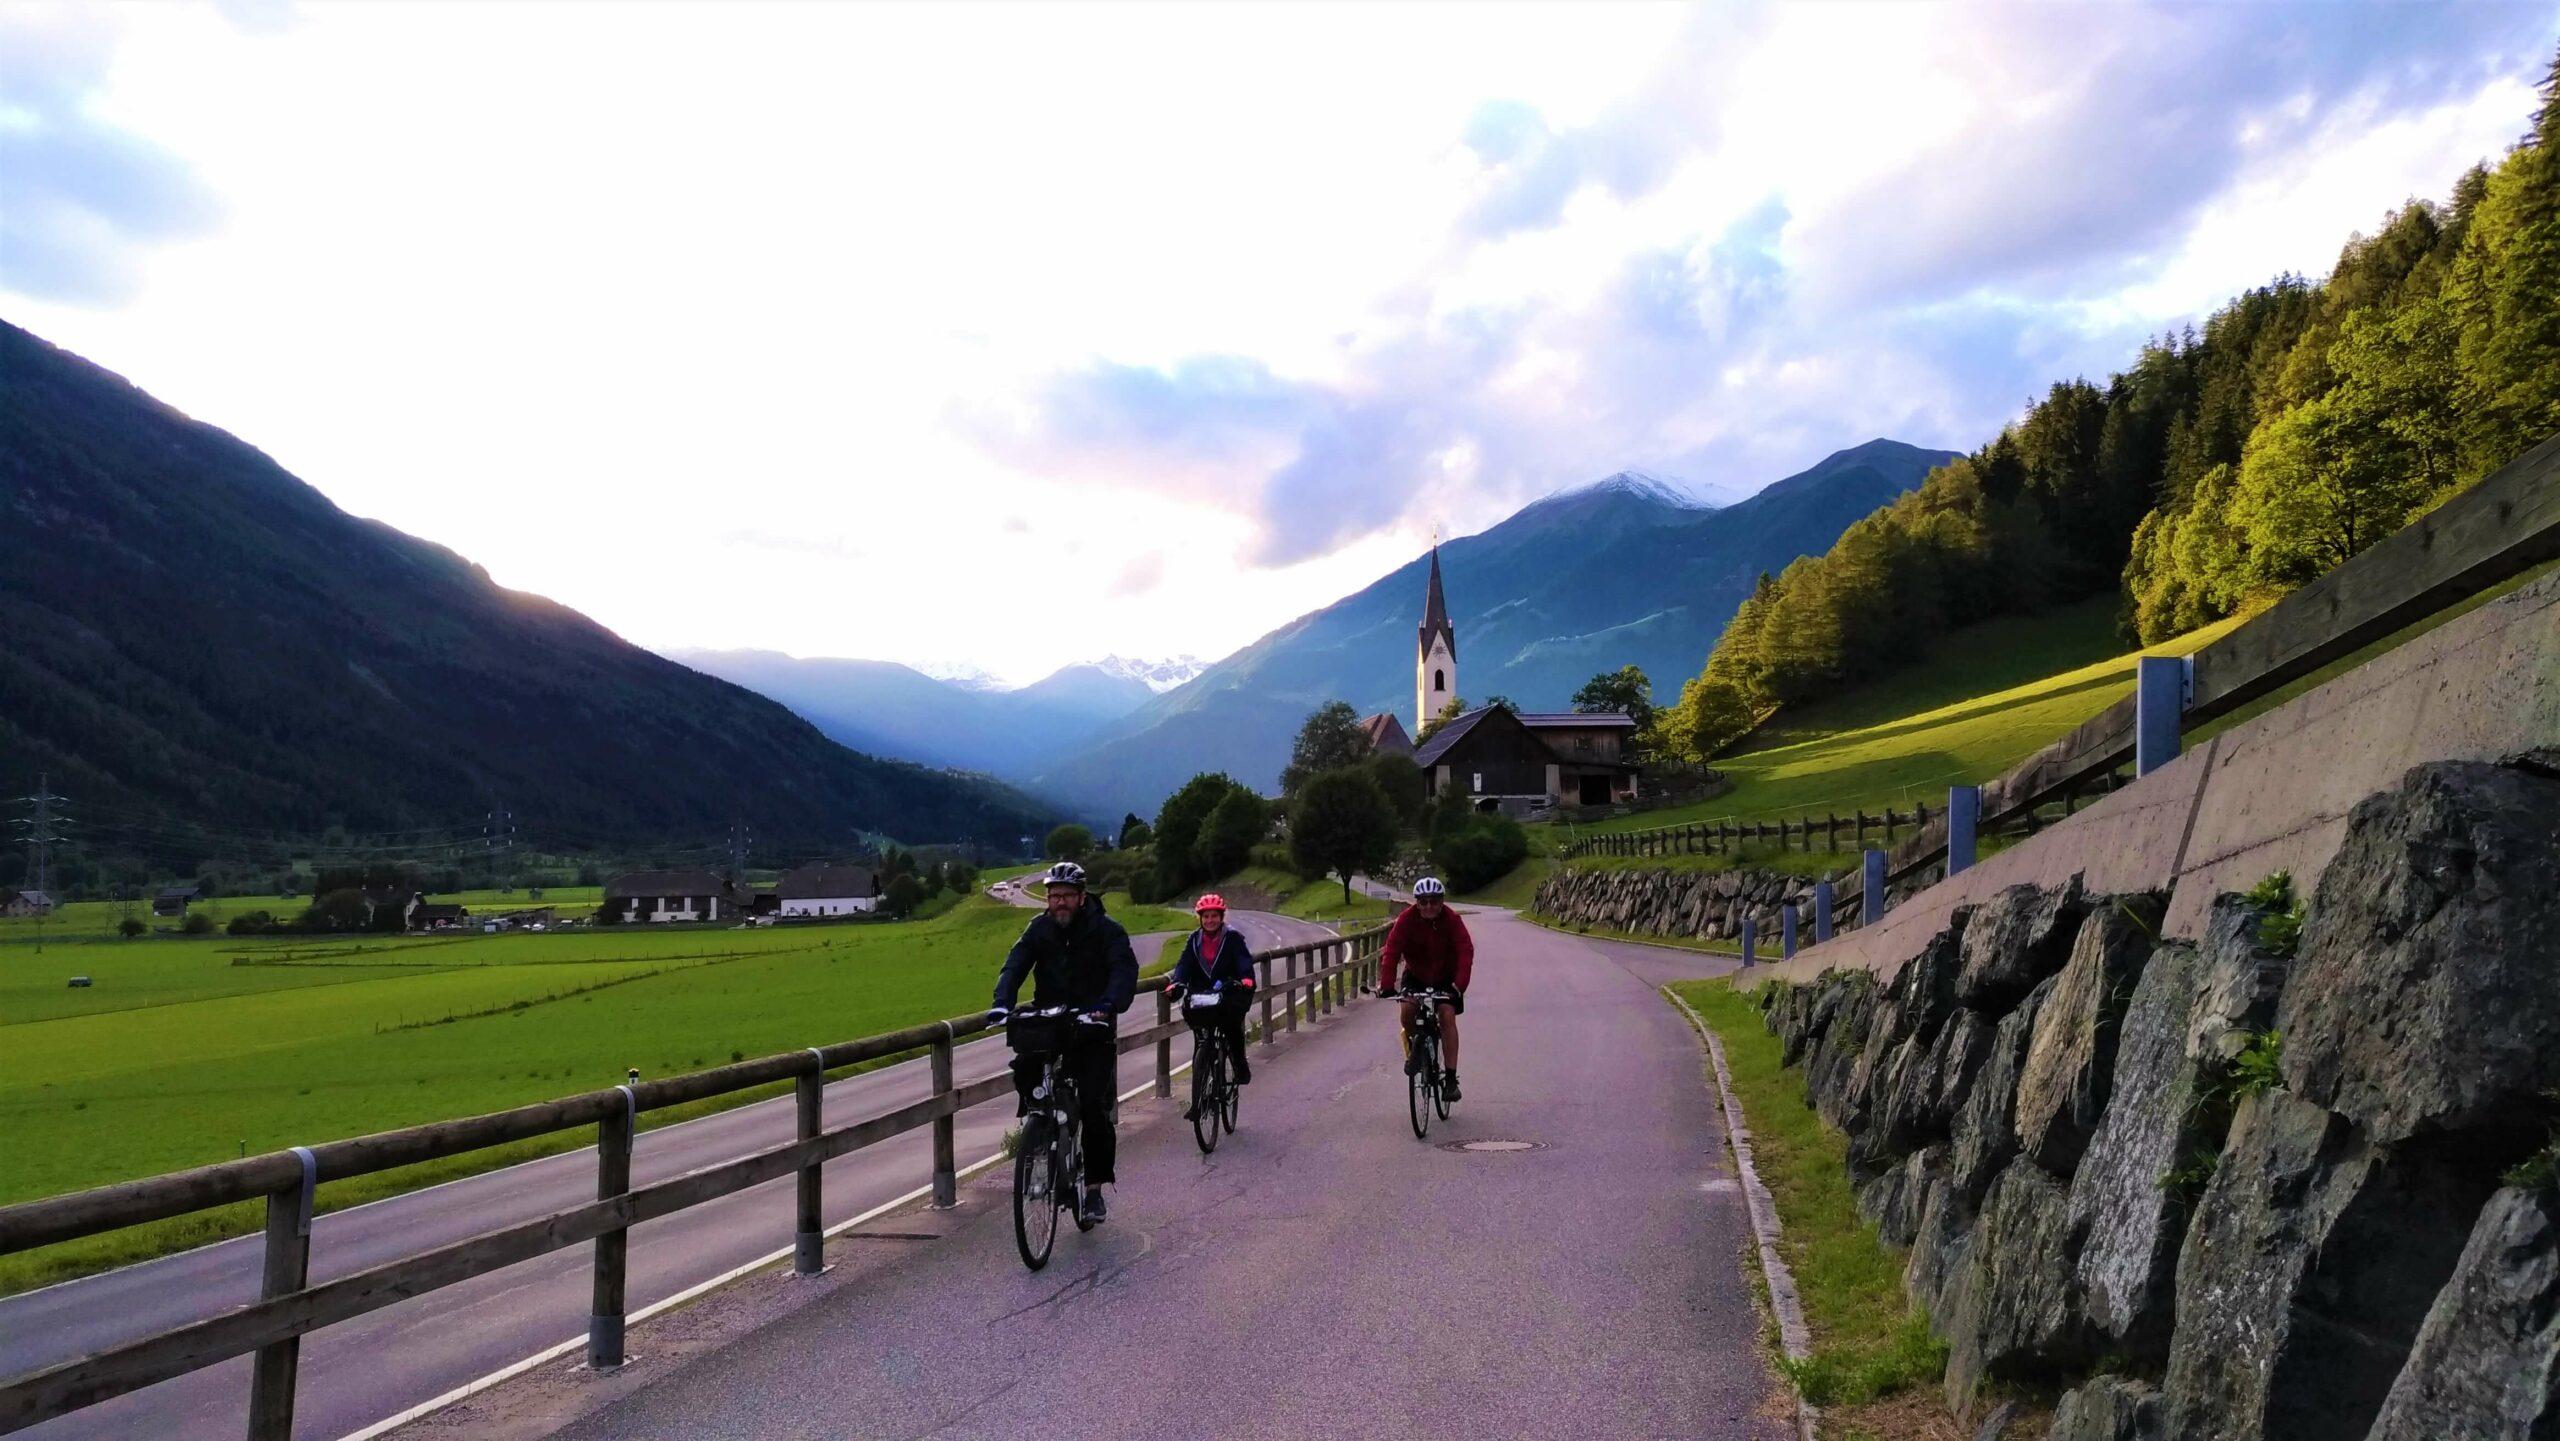 Rowery - Wycieczka rowerowa w góry